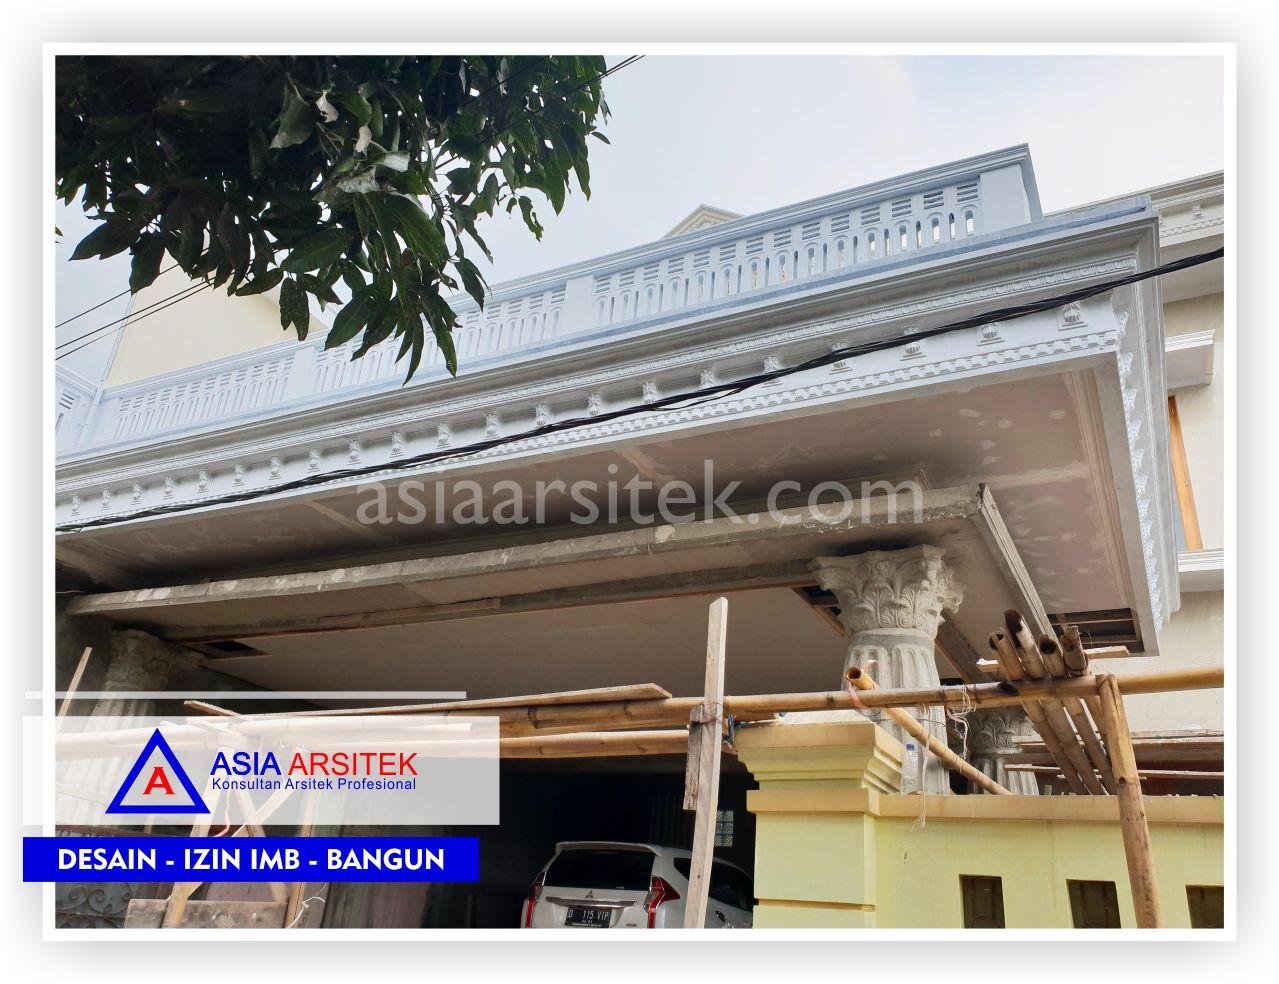 Plafon Carport Rumah Klasik Mewah Bu Iis - Arsitek Desain Rumah Minimalis Modern Di Bandung-Tangerang-Bogor-Bekasi-Jakarta-Jasa Konsultan Desain Arsitek Profesional (1)